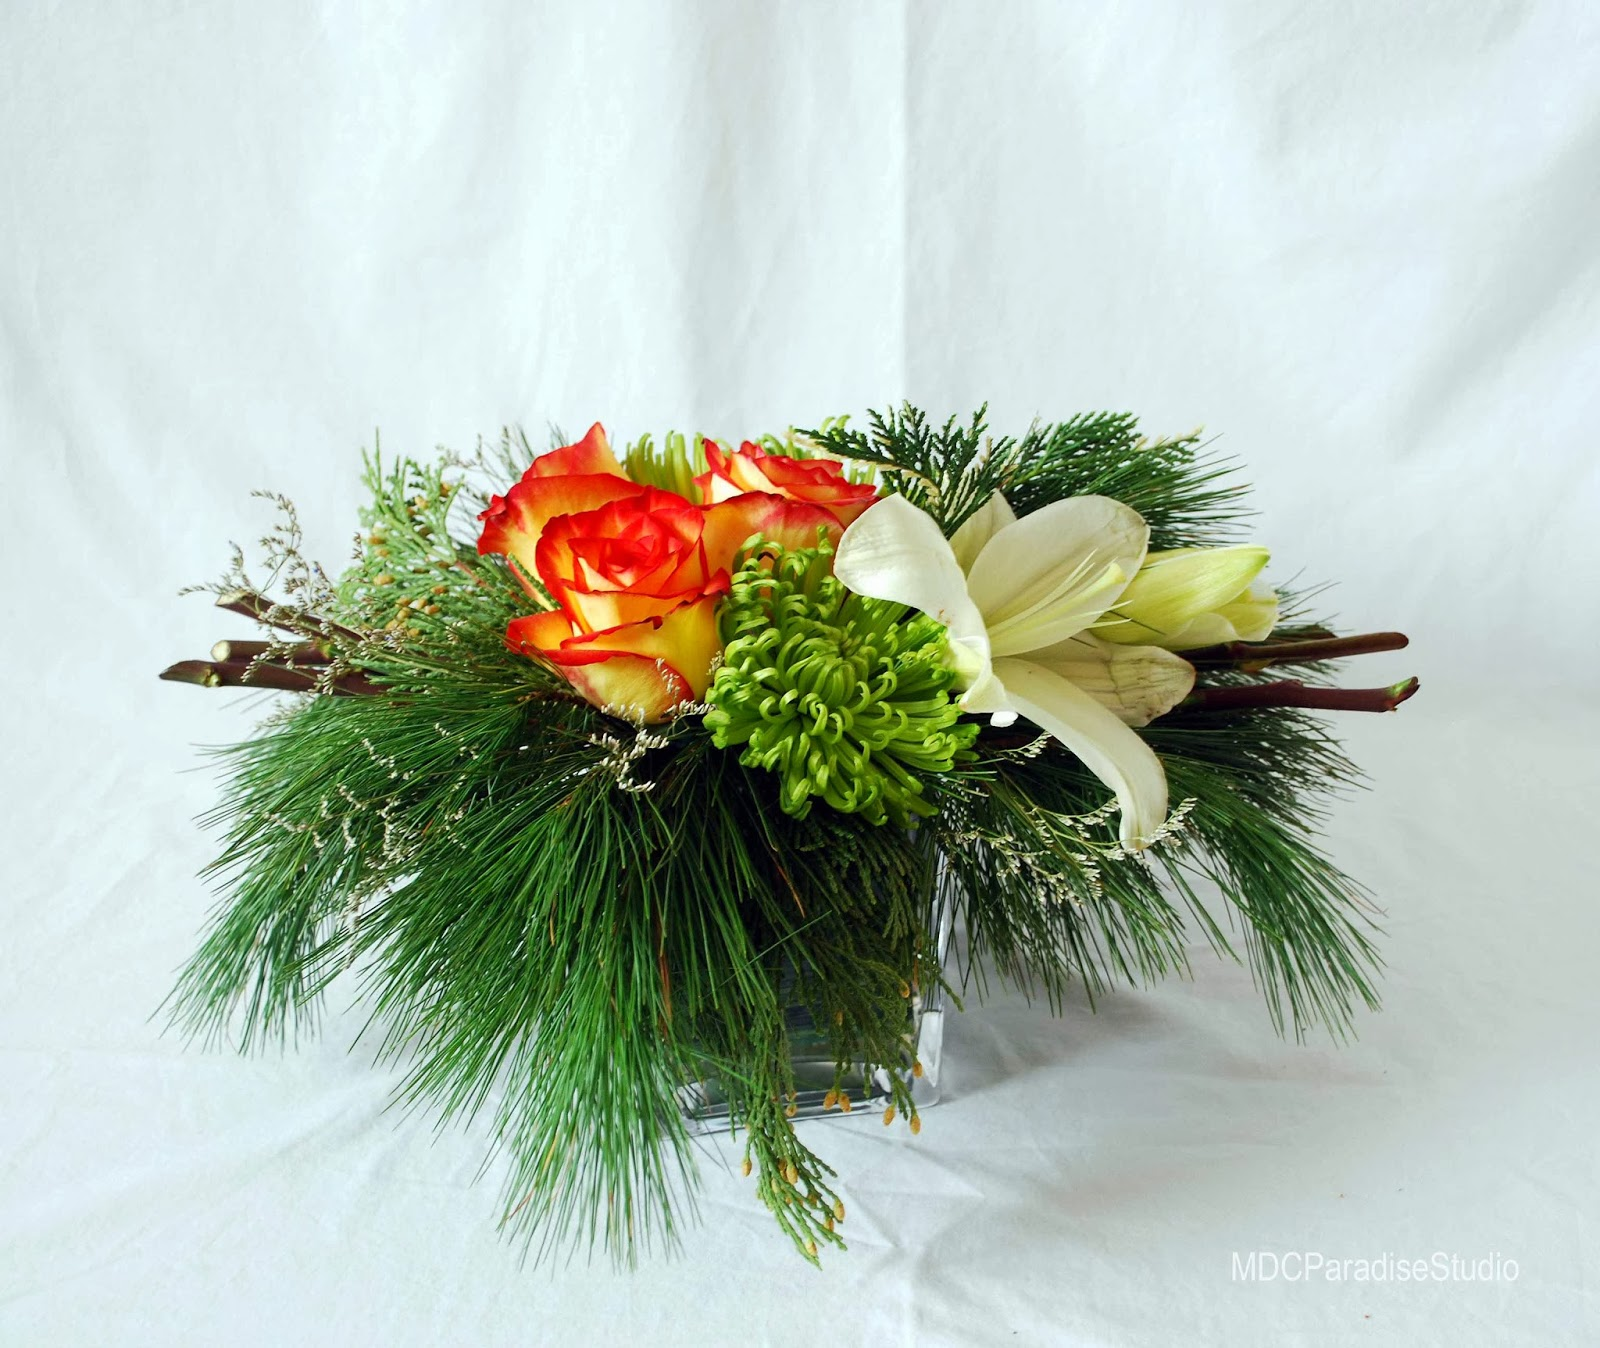 PARADISE FLORAL STUDIO Christmas Flower Arrangements